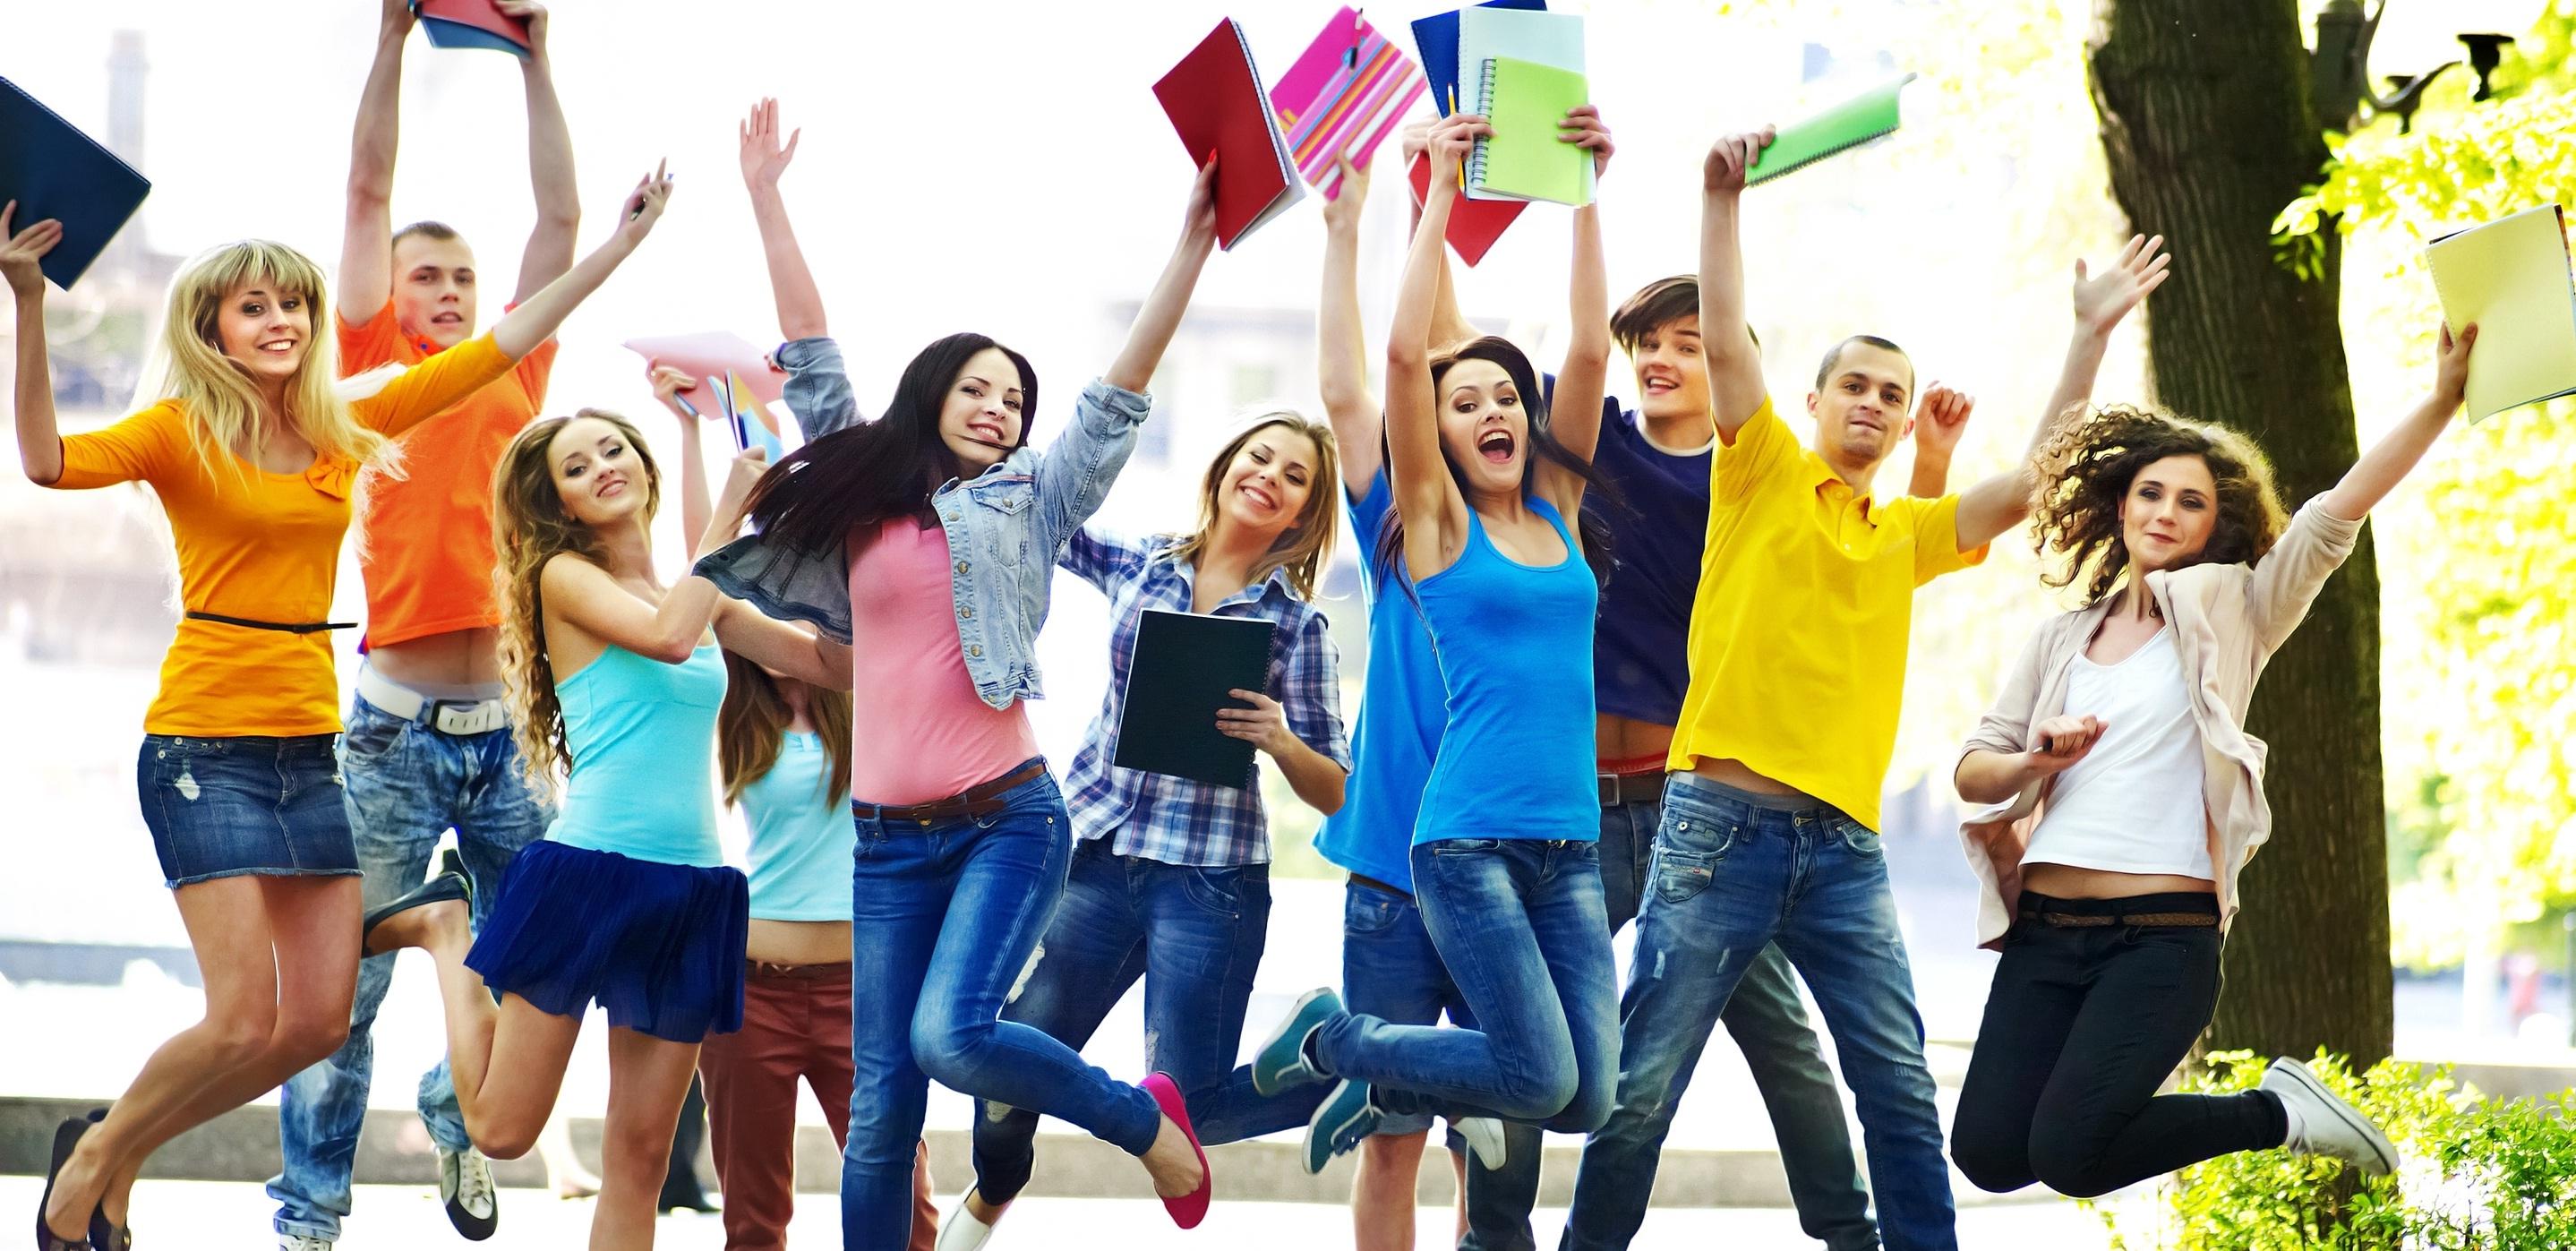 Смотреть онлайн день студента 23 фотография